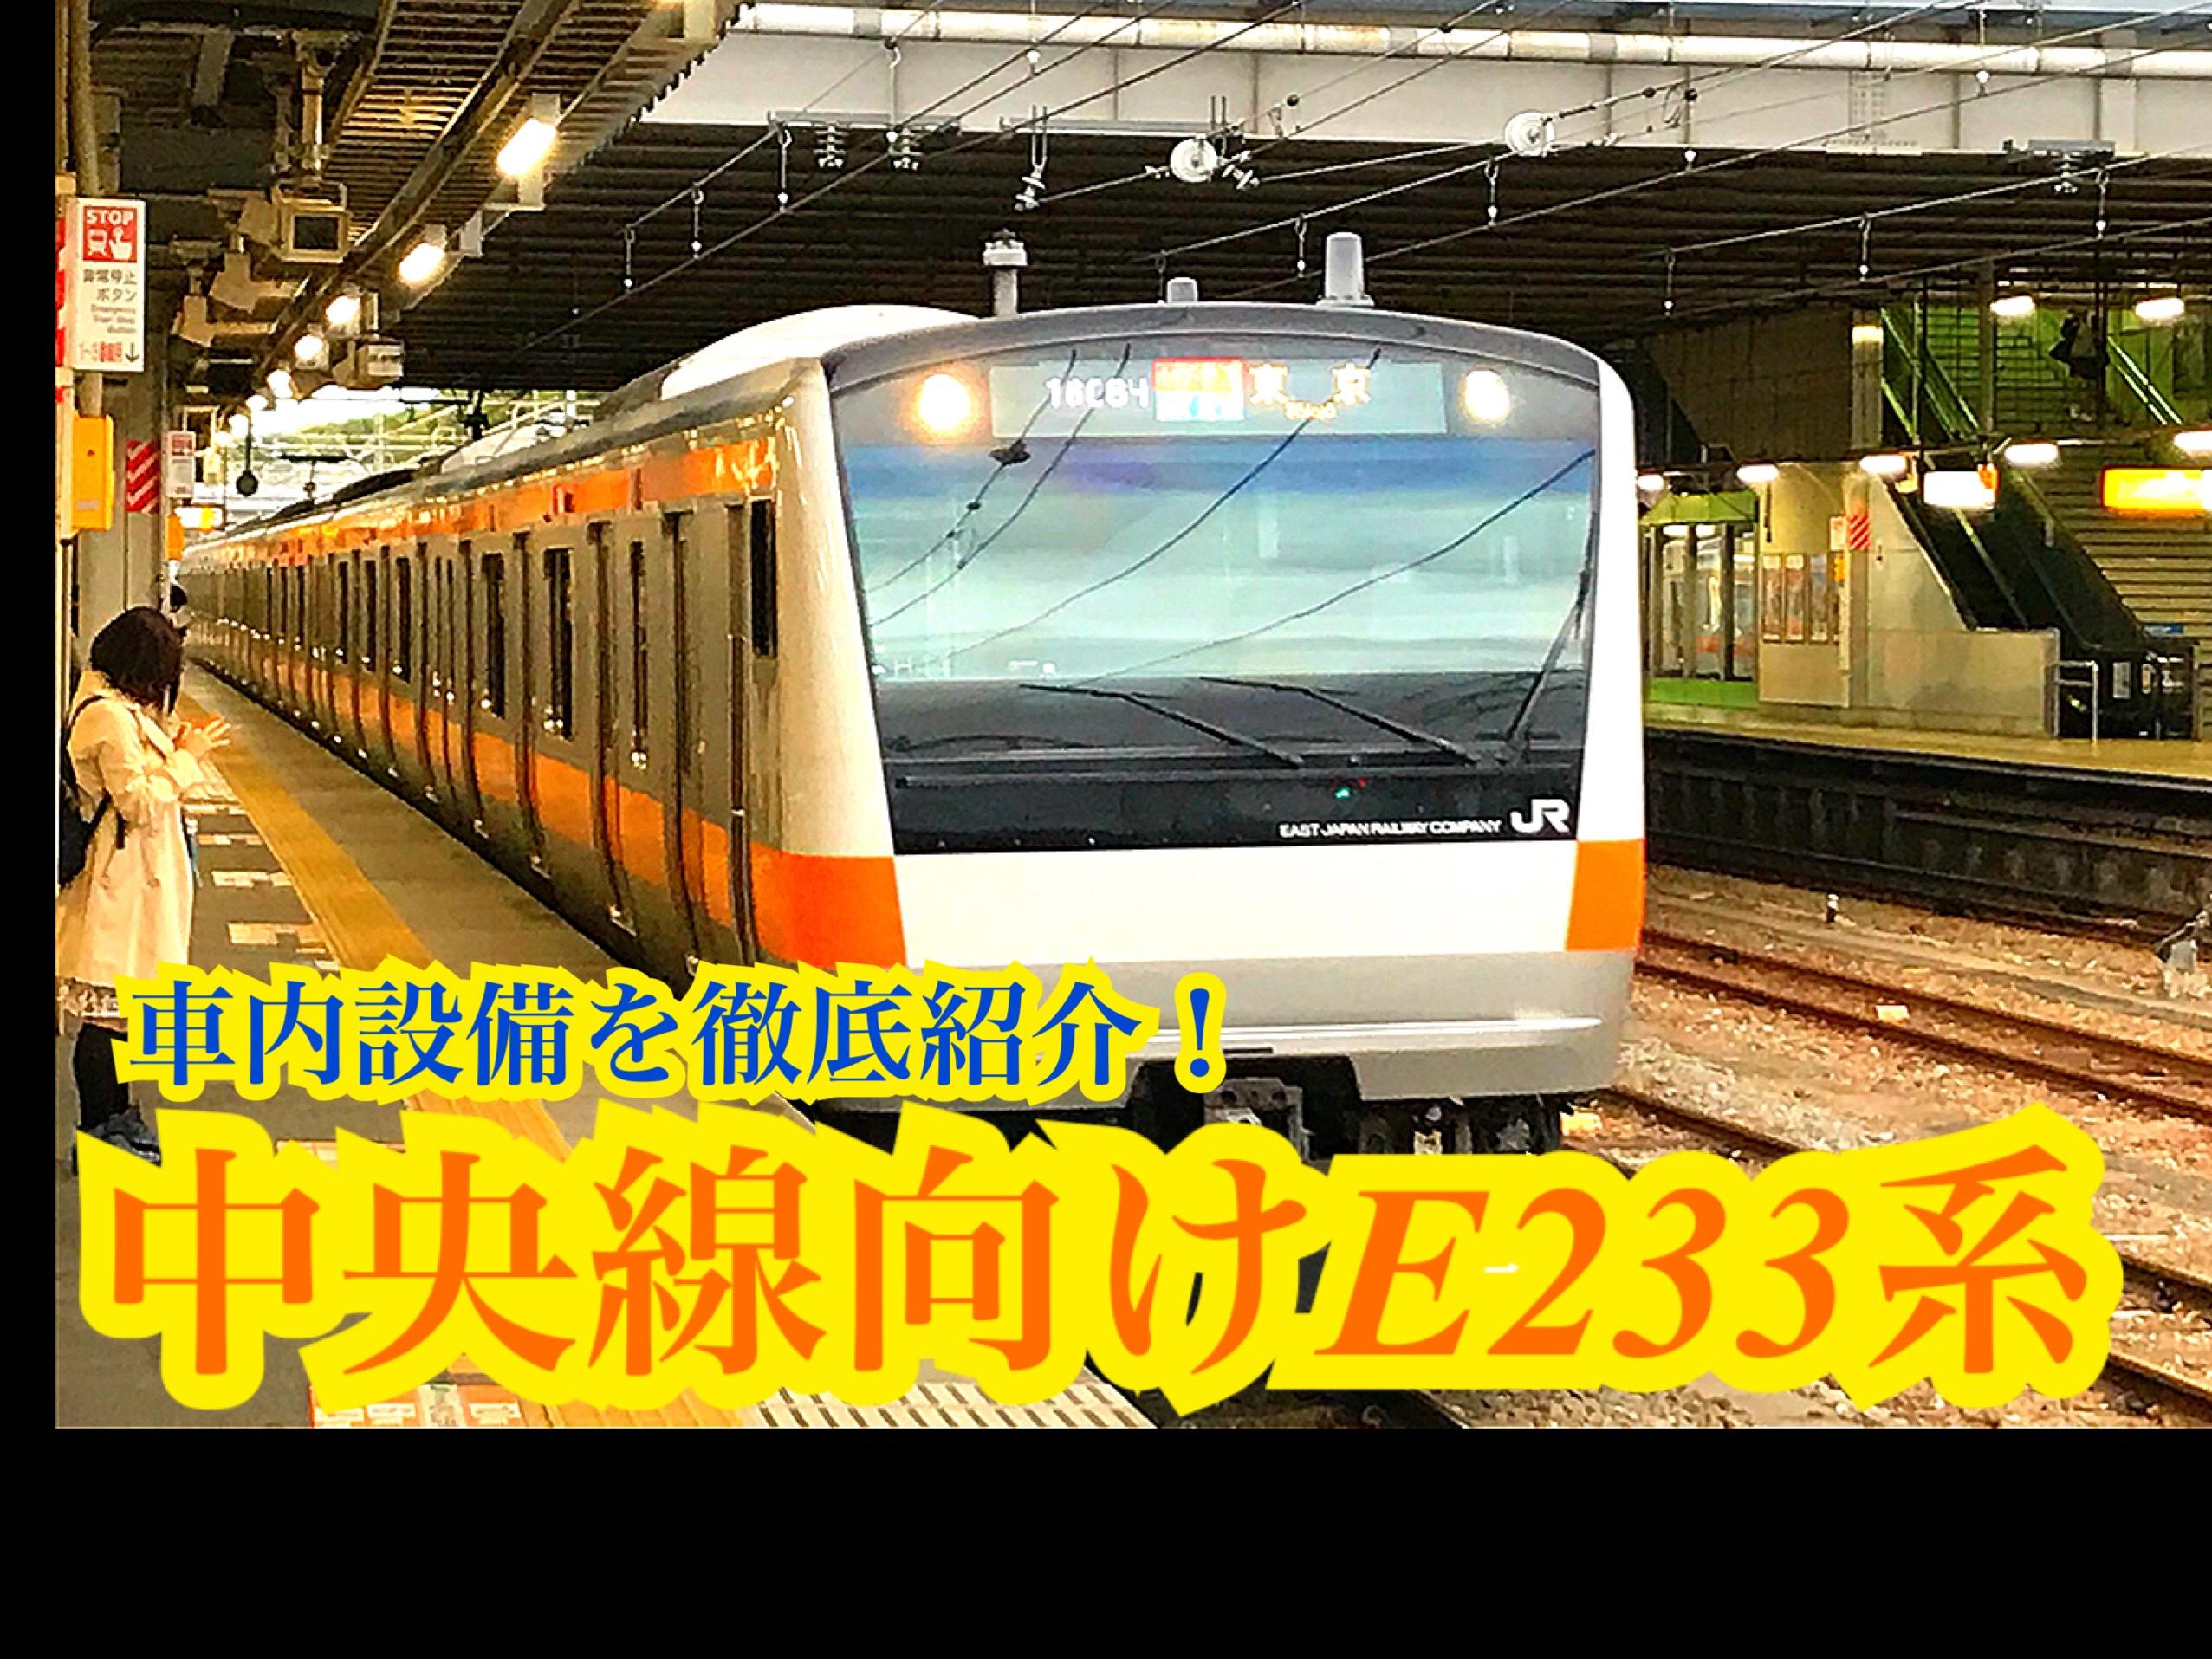 JR東日本の高性能通勤車両!E233系を徹底紹介!五日市憲法ってなんぞや?【関東めぐり千葉編】